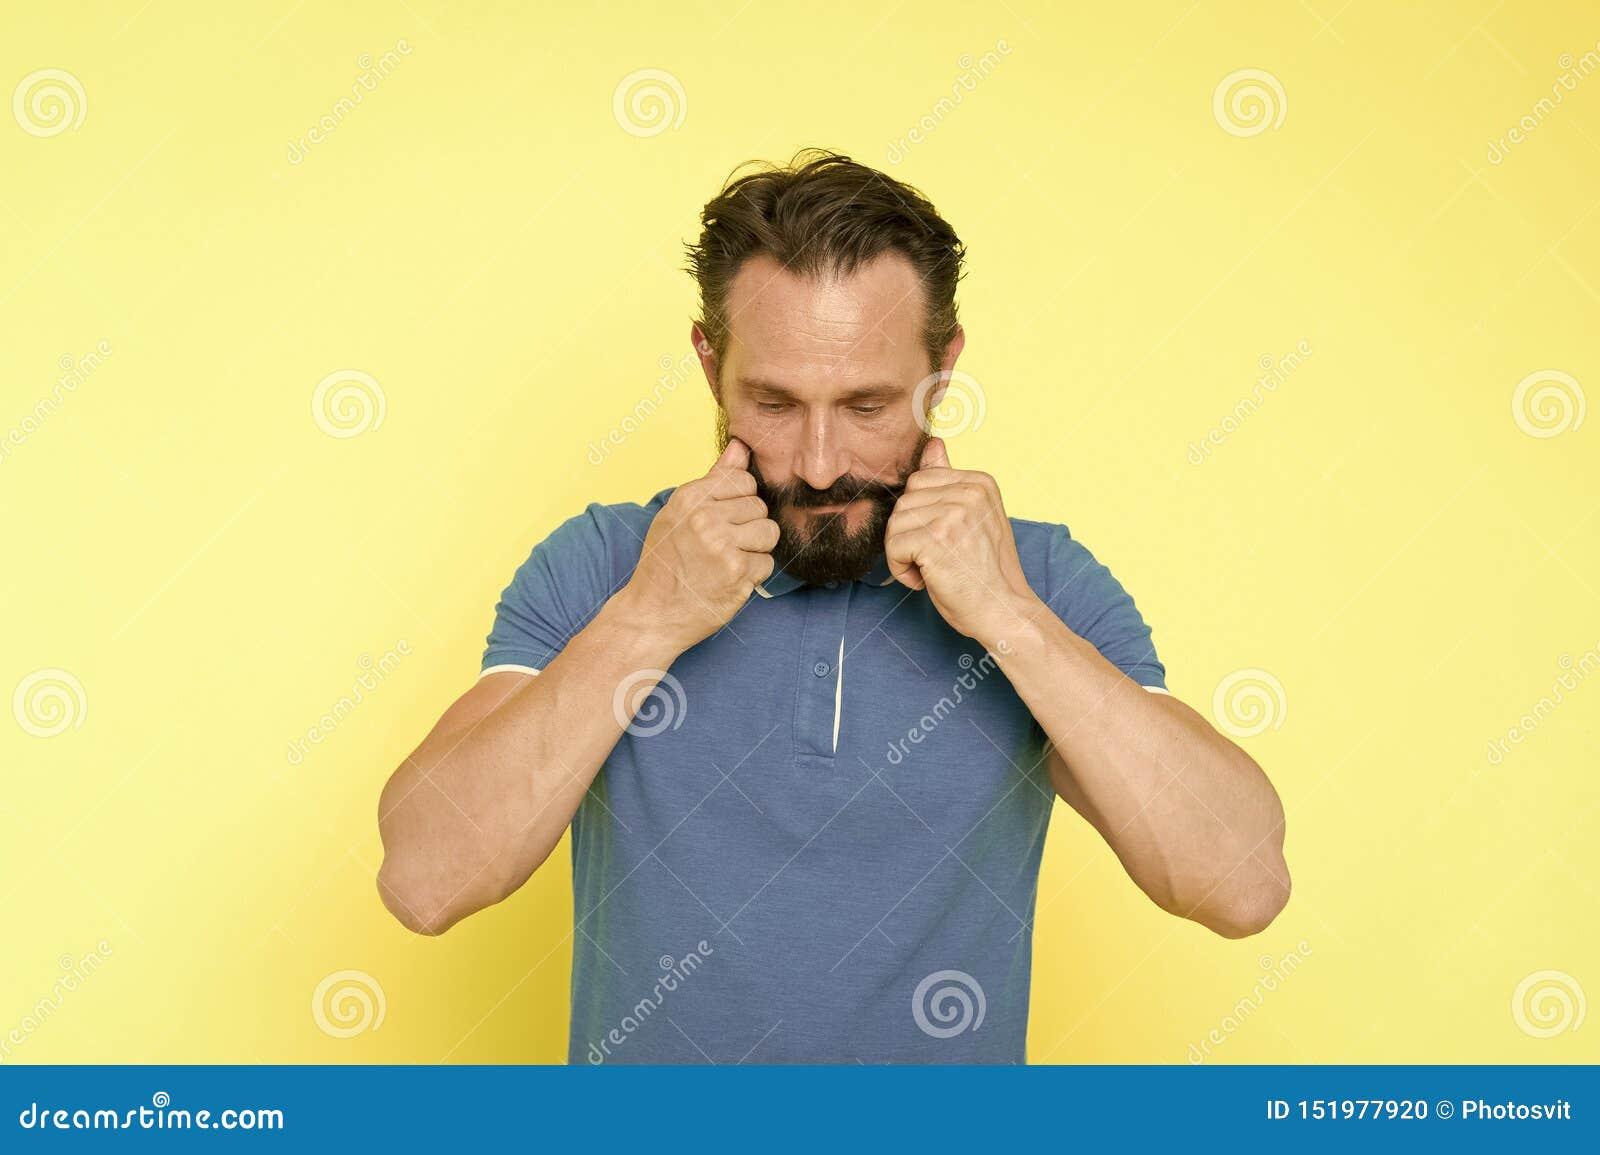 Mannen upps?kte vrida gul bakgrund f?r mustaschen Ultimat mustasch som ansar handboken Stiligt moget fundersamt f?r Hipster